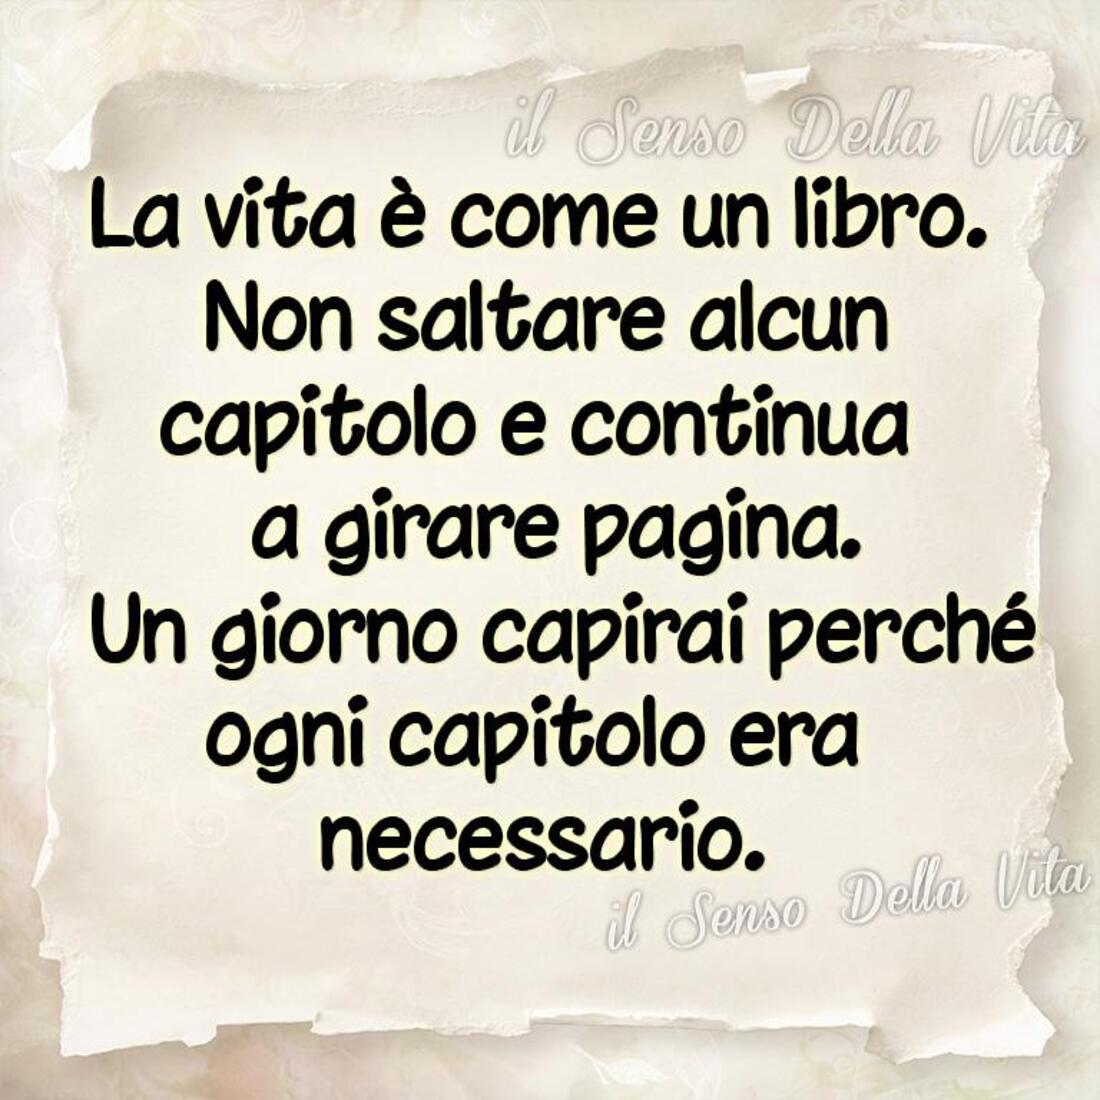 La vita è come un libro, non saltare alcun capitolo e continua a girare pagina. Un giorno capirai perchè ogni capitolo era necessario.